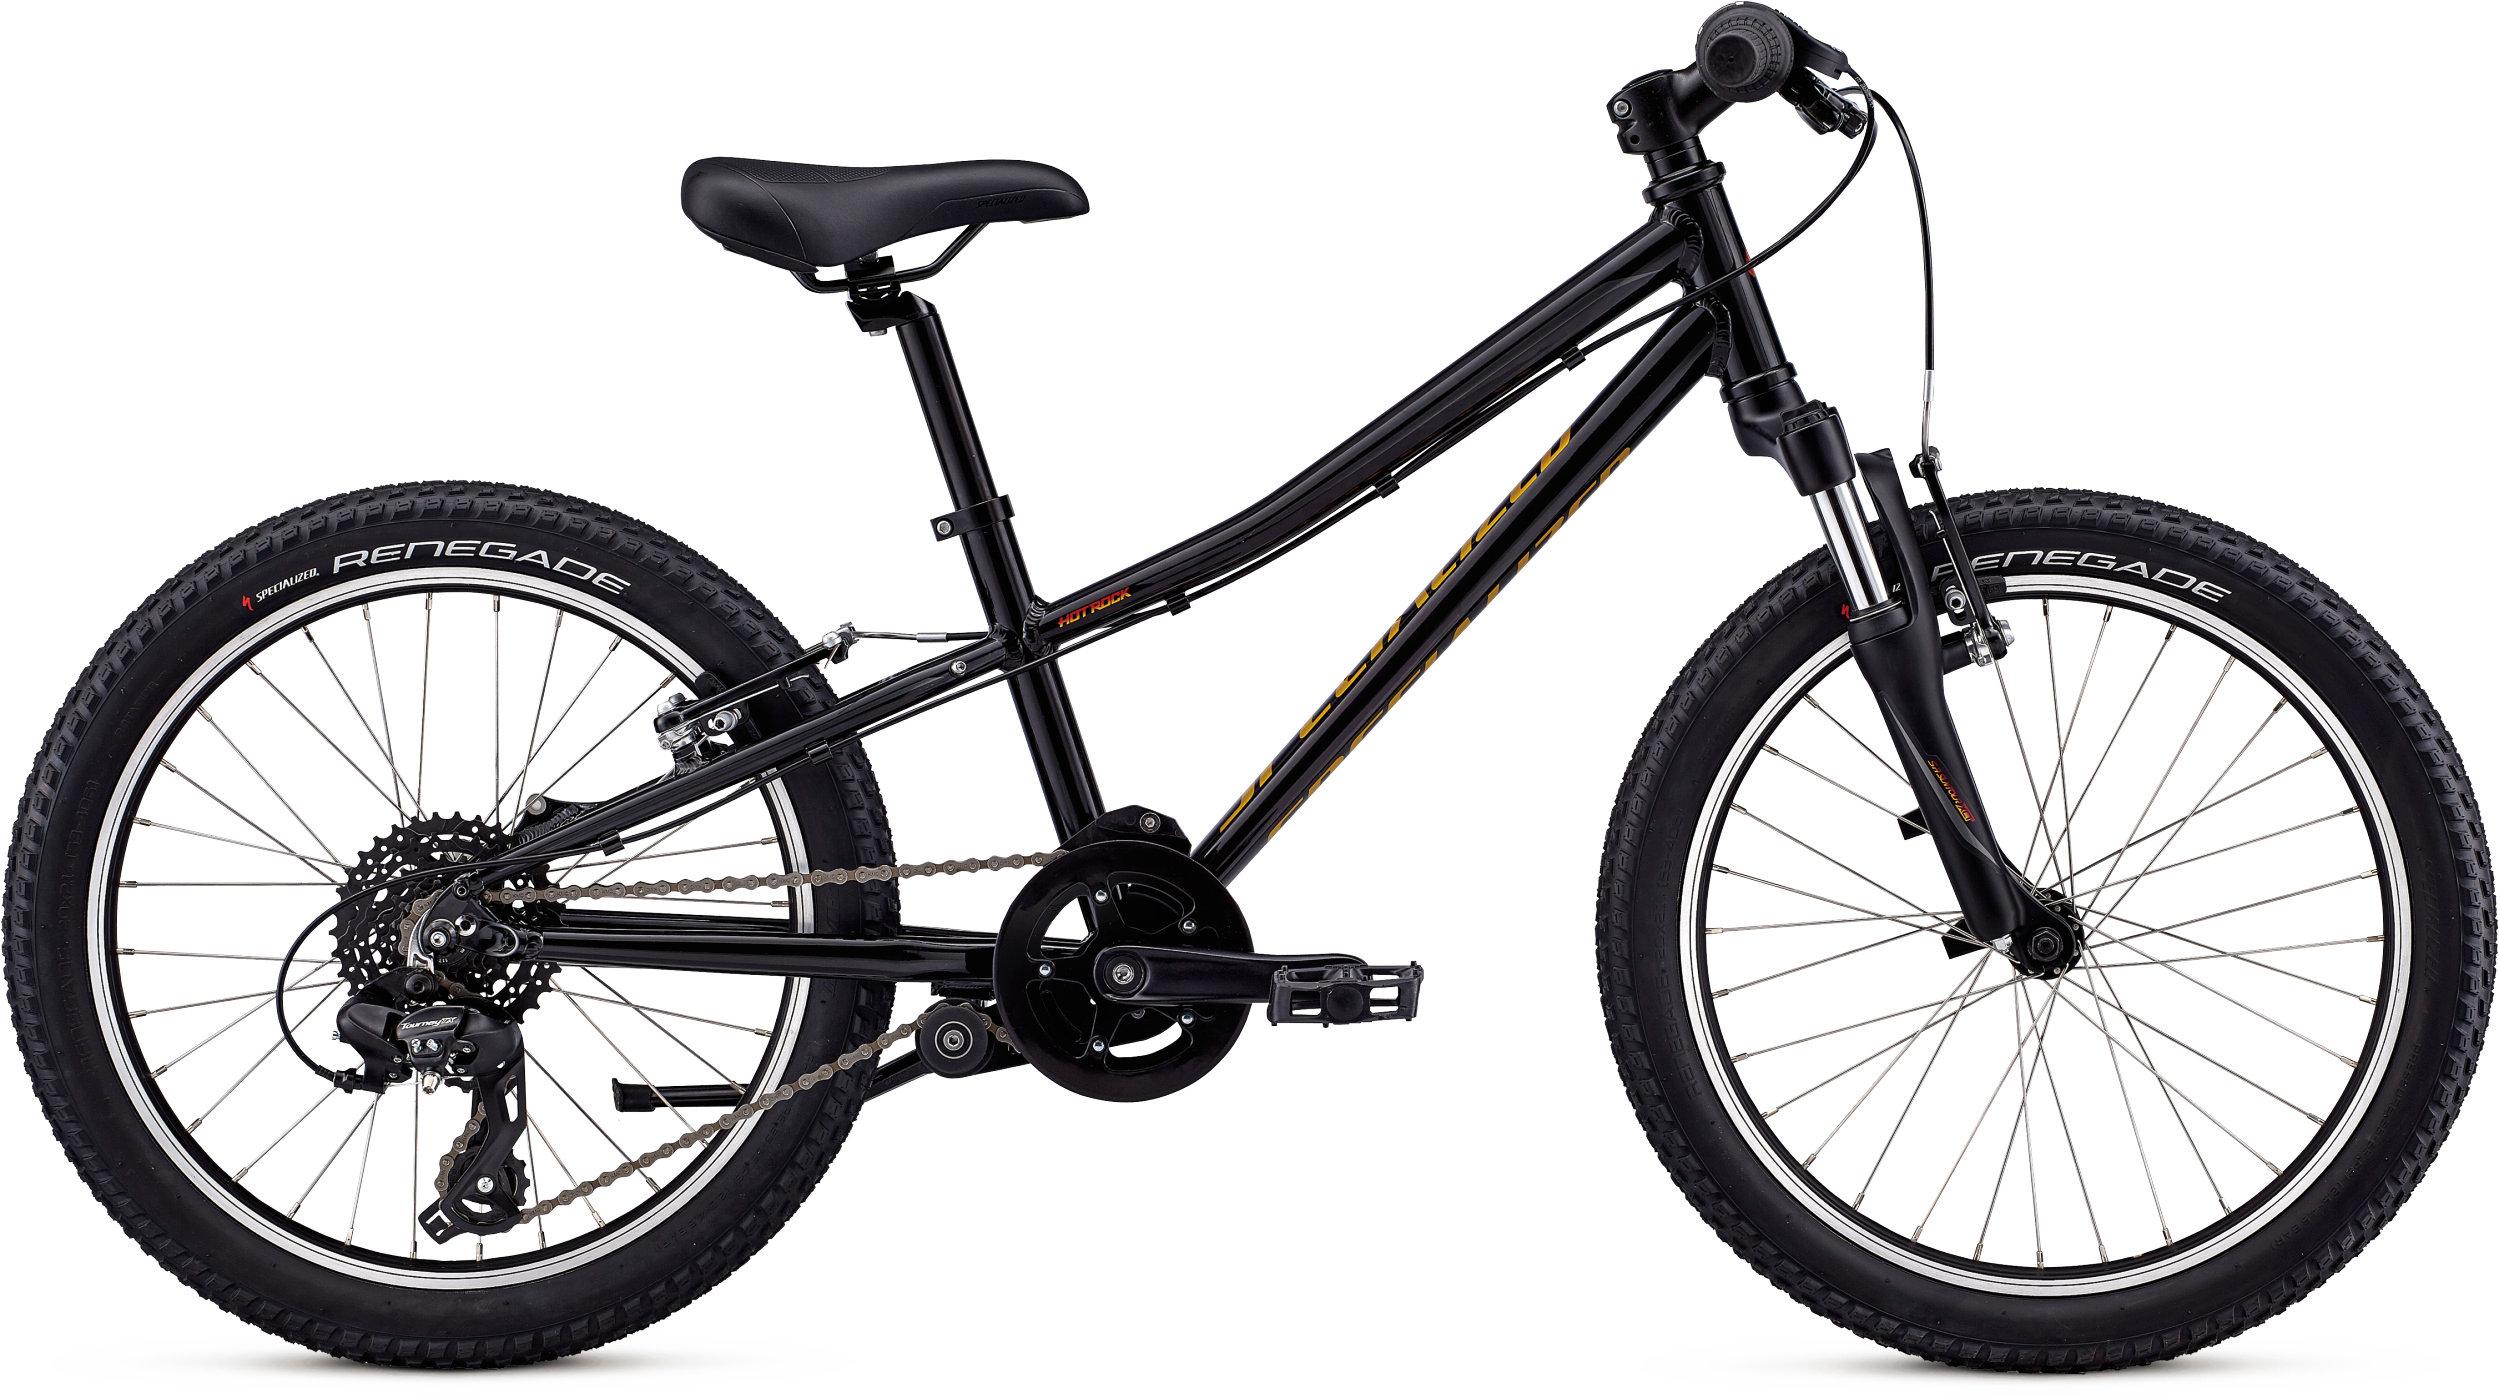 Specialized Hotrock 20 Black/74 Fade 9 - Fahrrad online kaufen | Online Shop Bike Profis